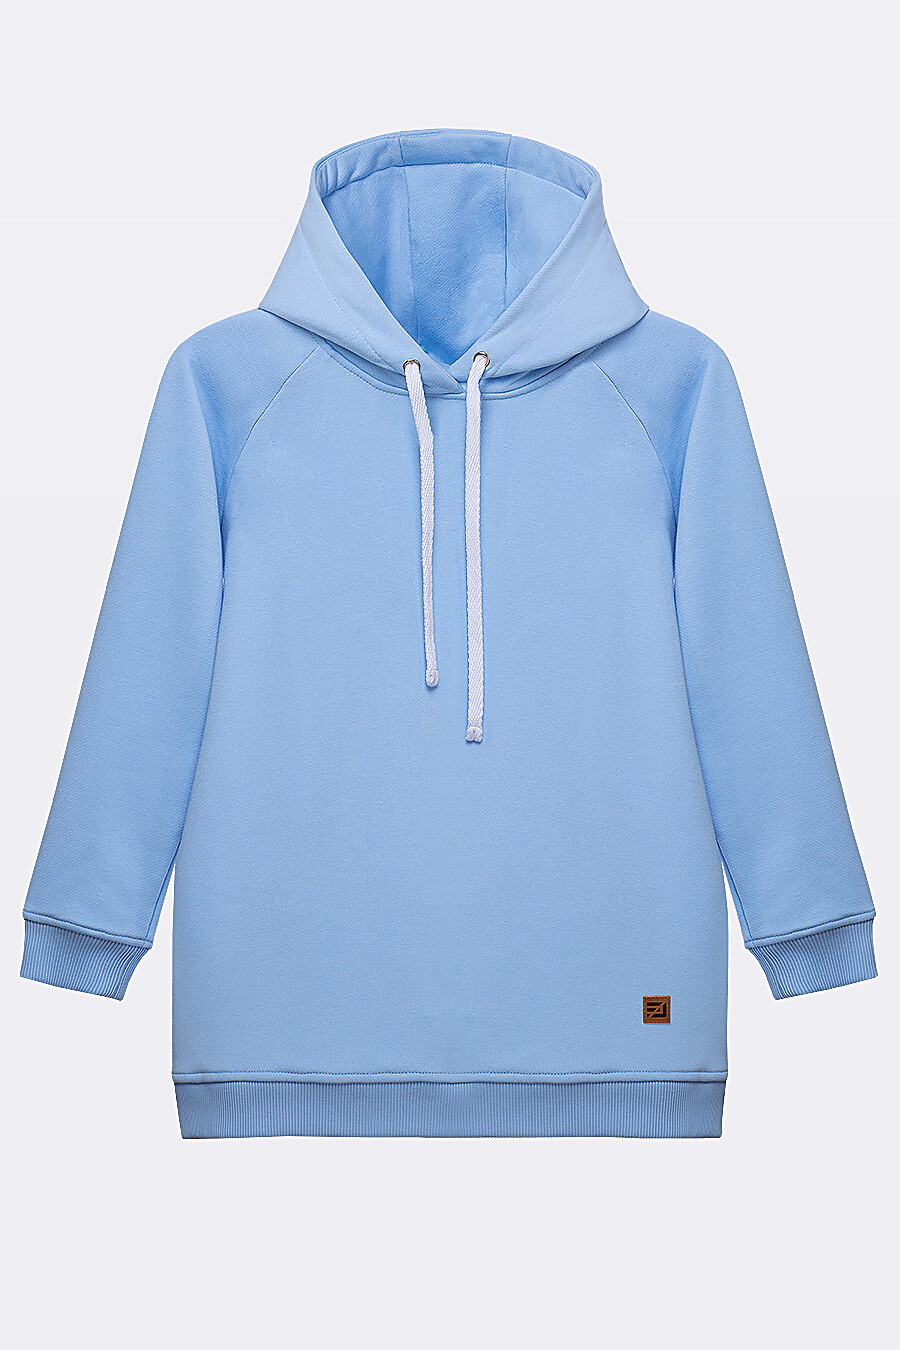 Костюм(Худи+Брюки) для девочек EZANNA 682732 купить оптом от производителя. Совместная покупка детской одежды в OptMoyo